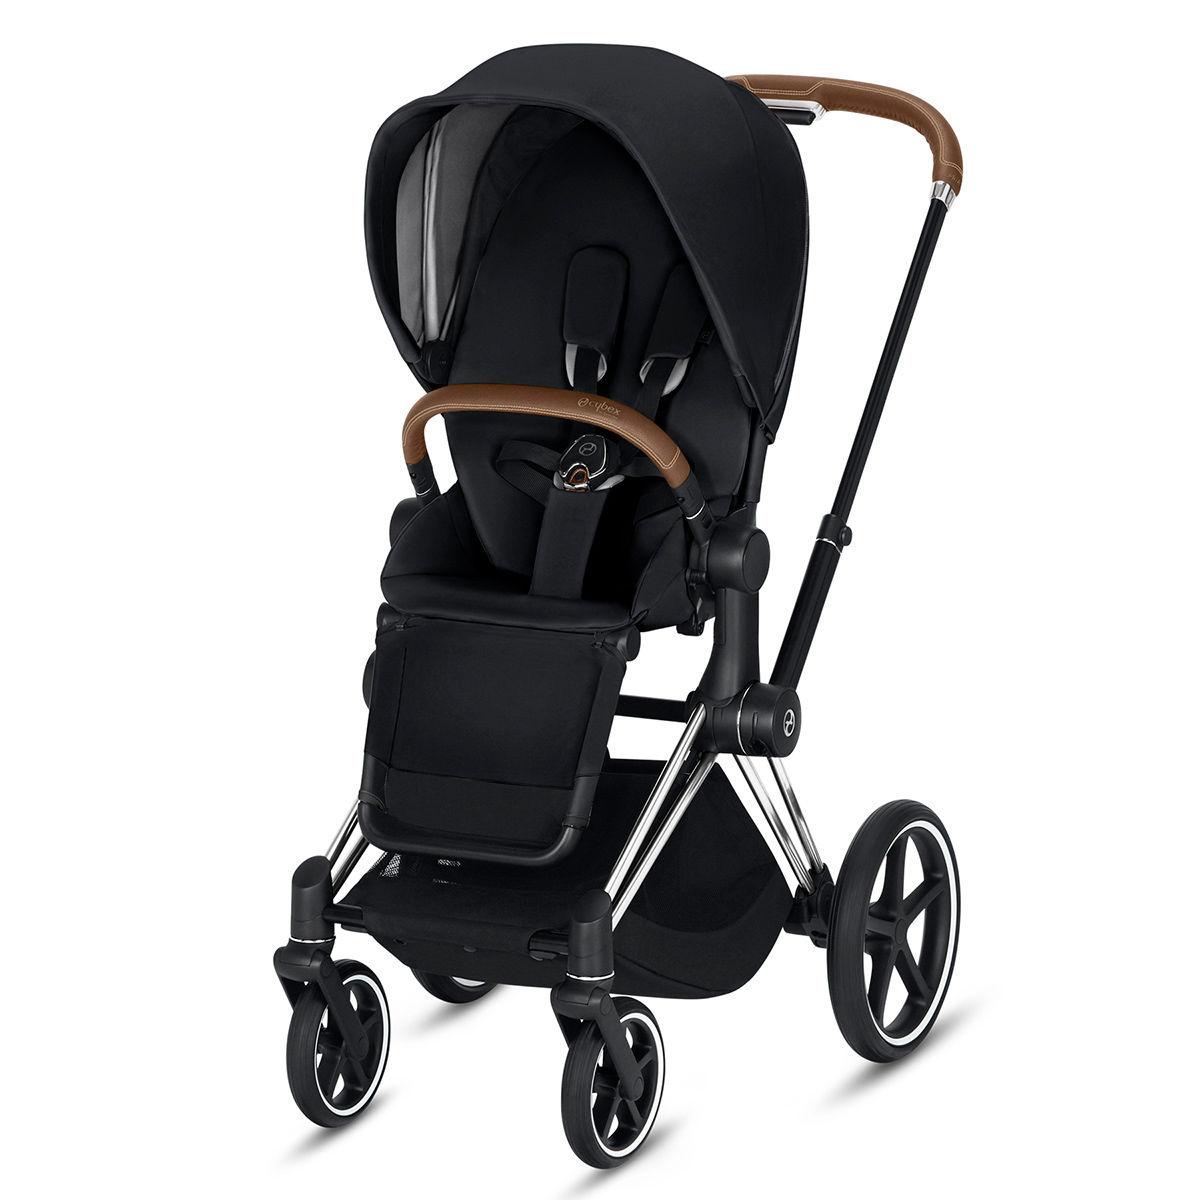 Cybex Priam Stroller (Chrome) Brown